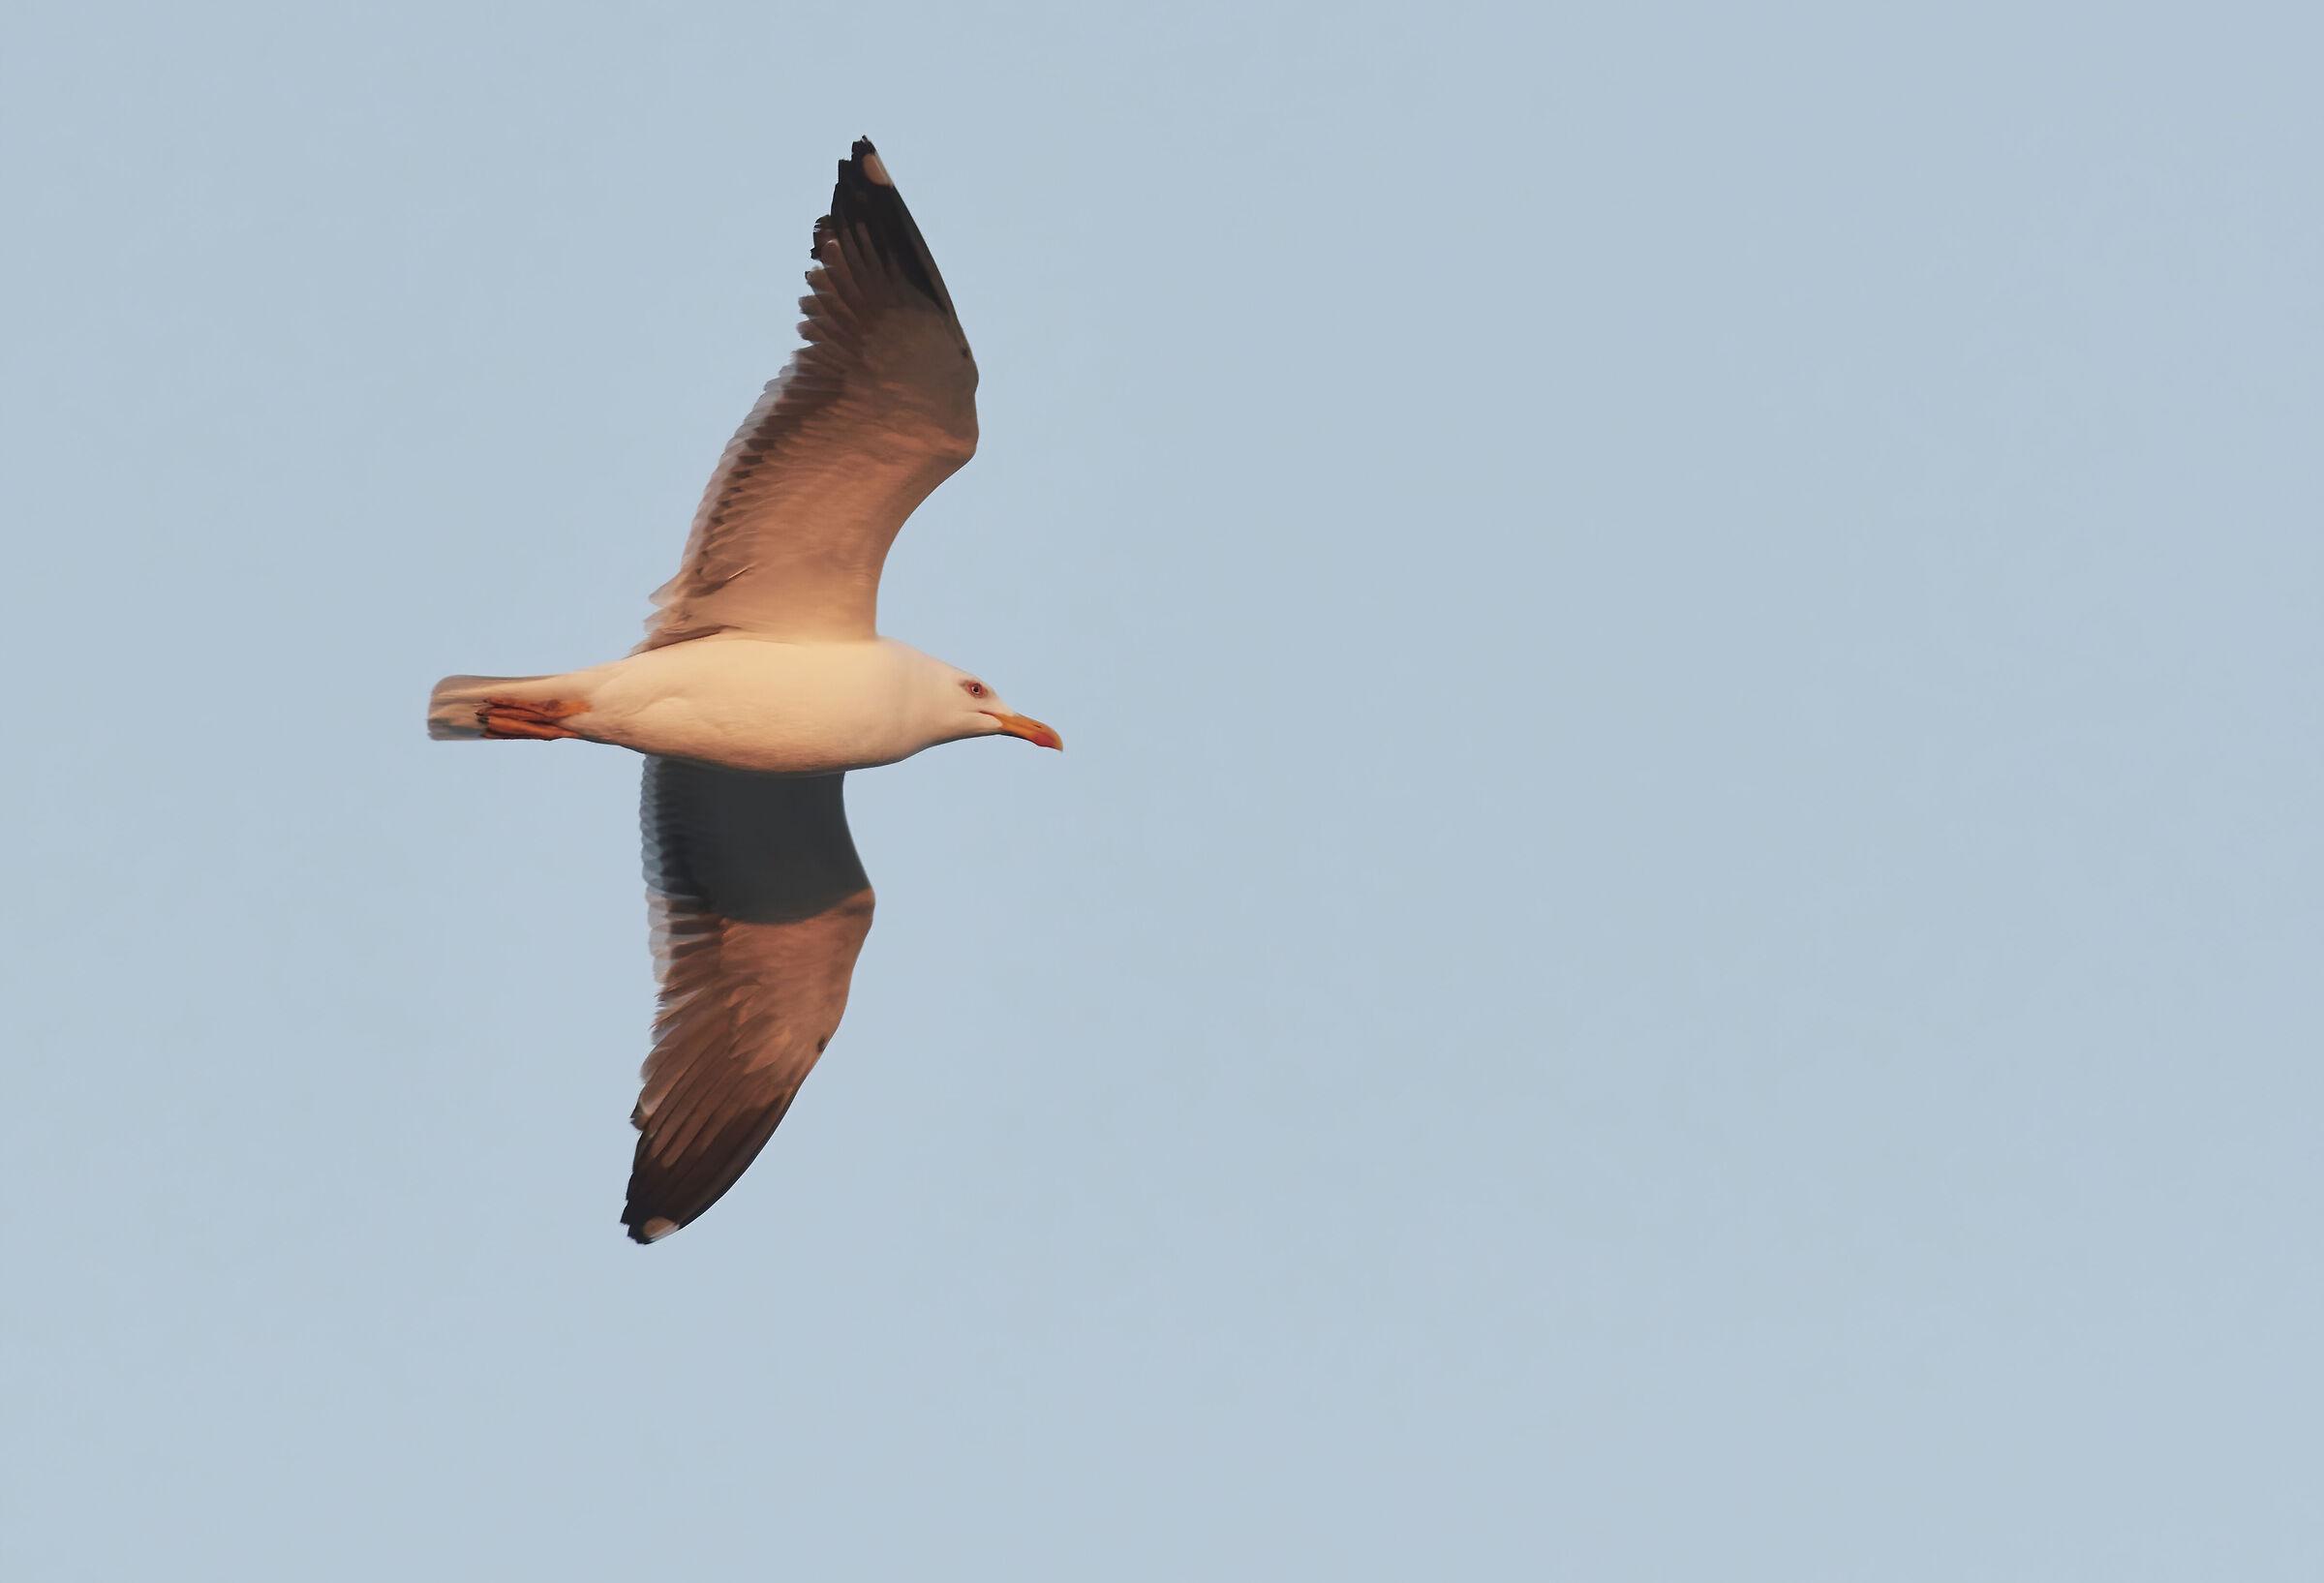 Lesser blackbacked gull at sunrise...